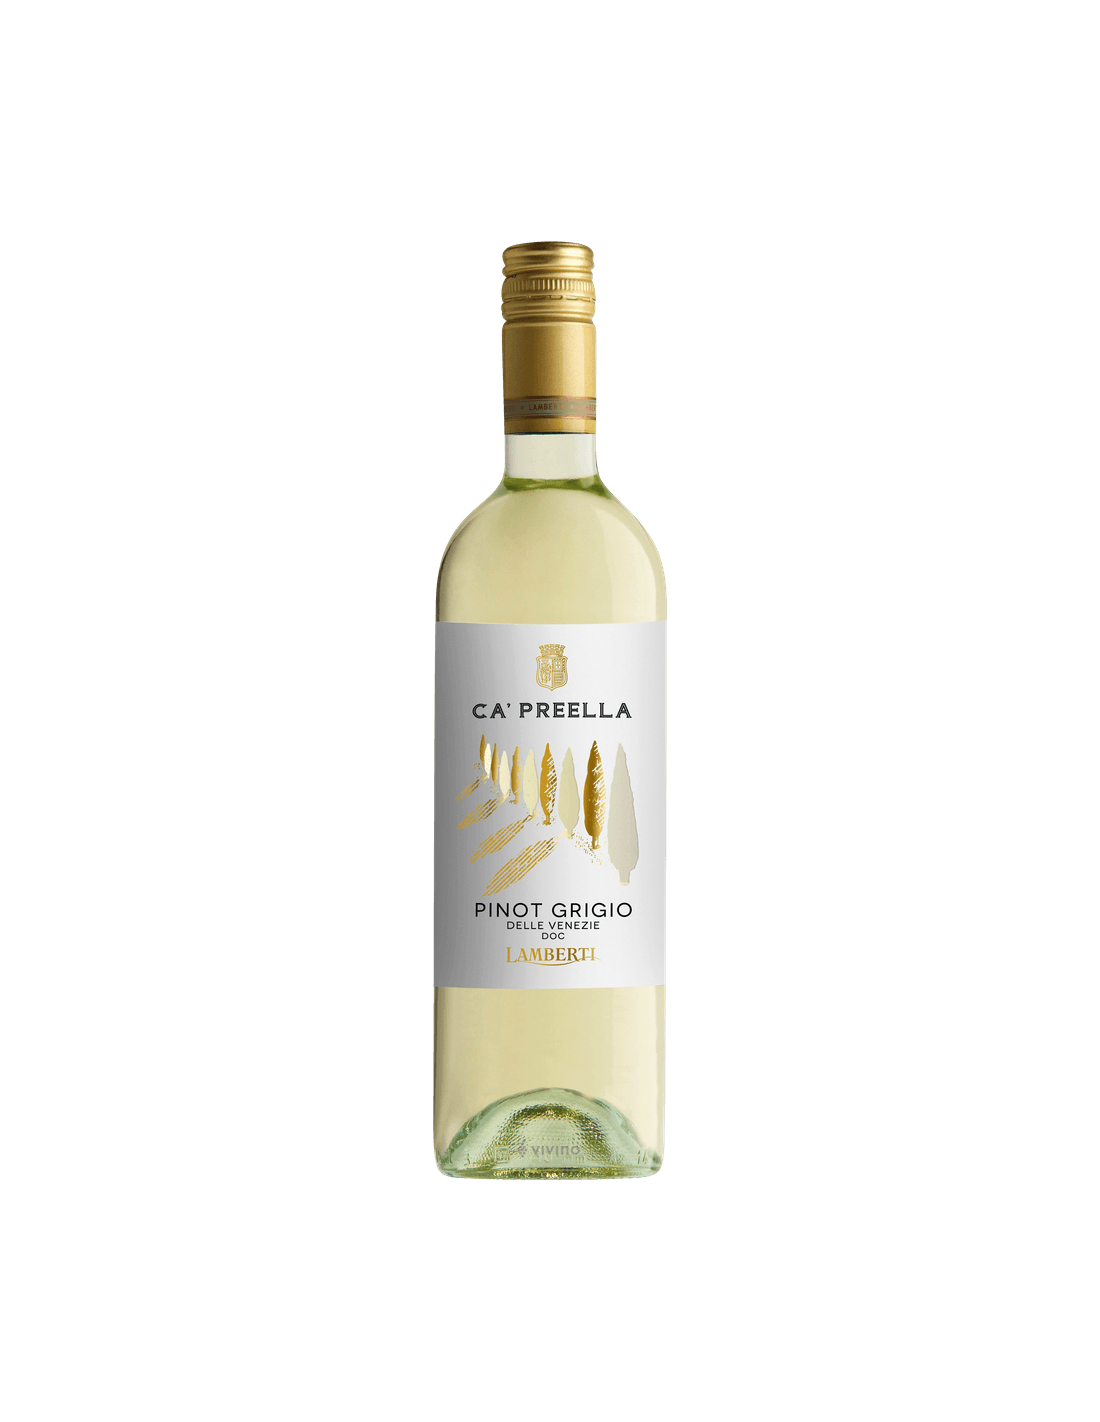 Vin alb, Pinot Grigio, Lamberti Ca' Preella Delle Venezie, 12.5% alc., 0.75L, Italia